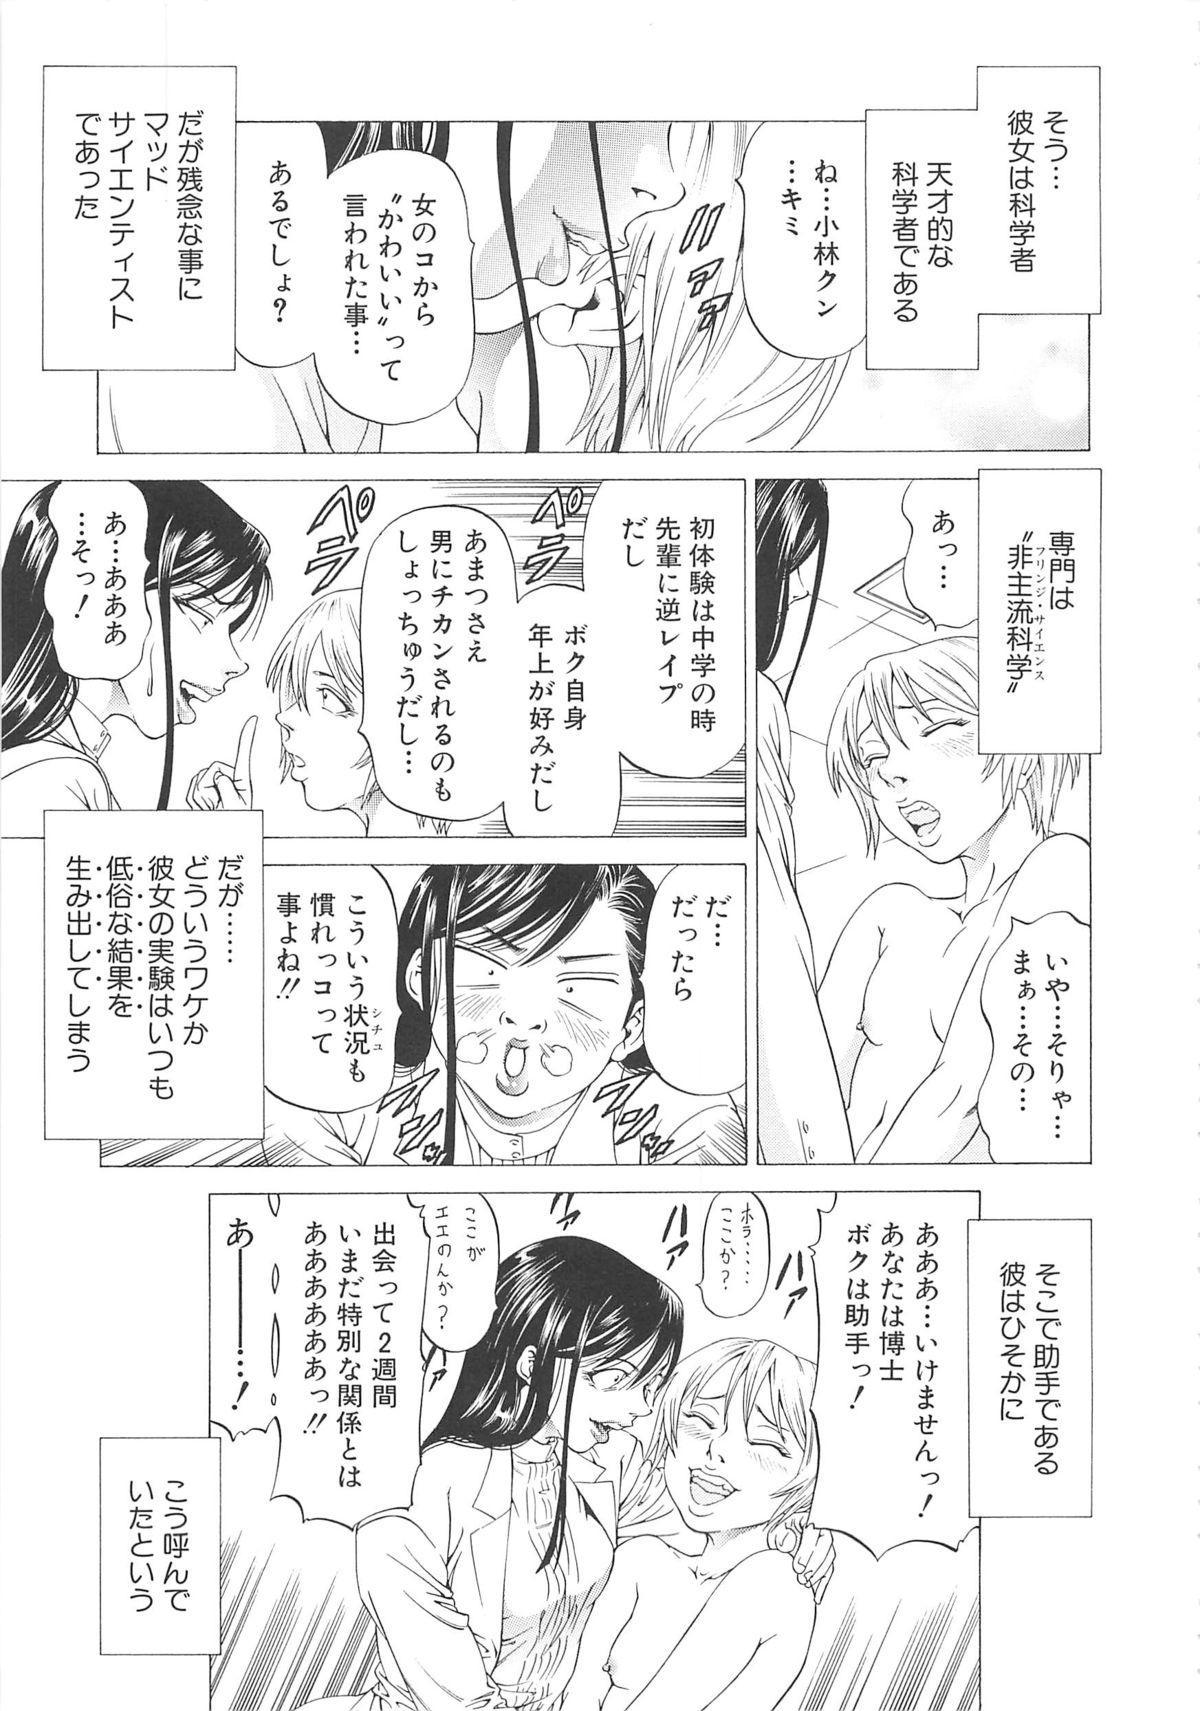 Kono Osu Buta!! 9